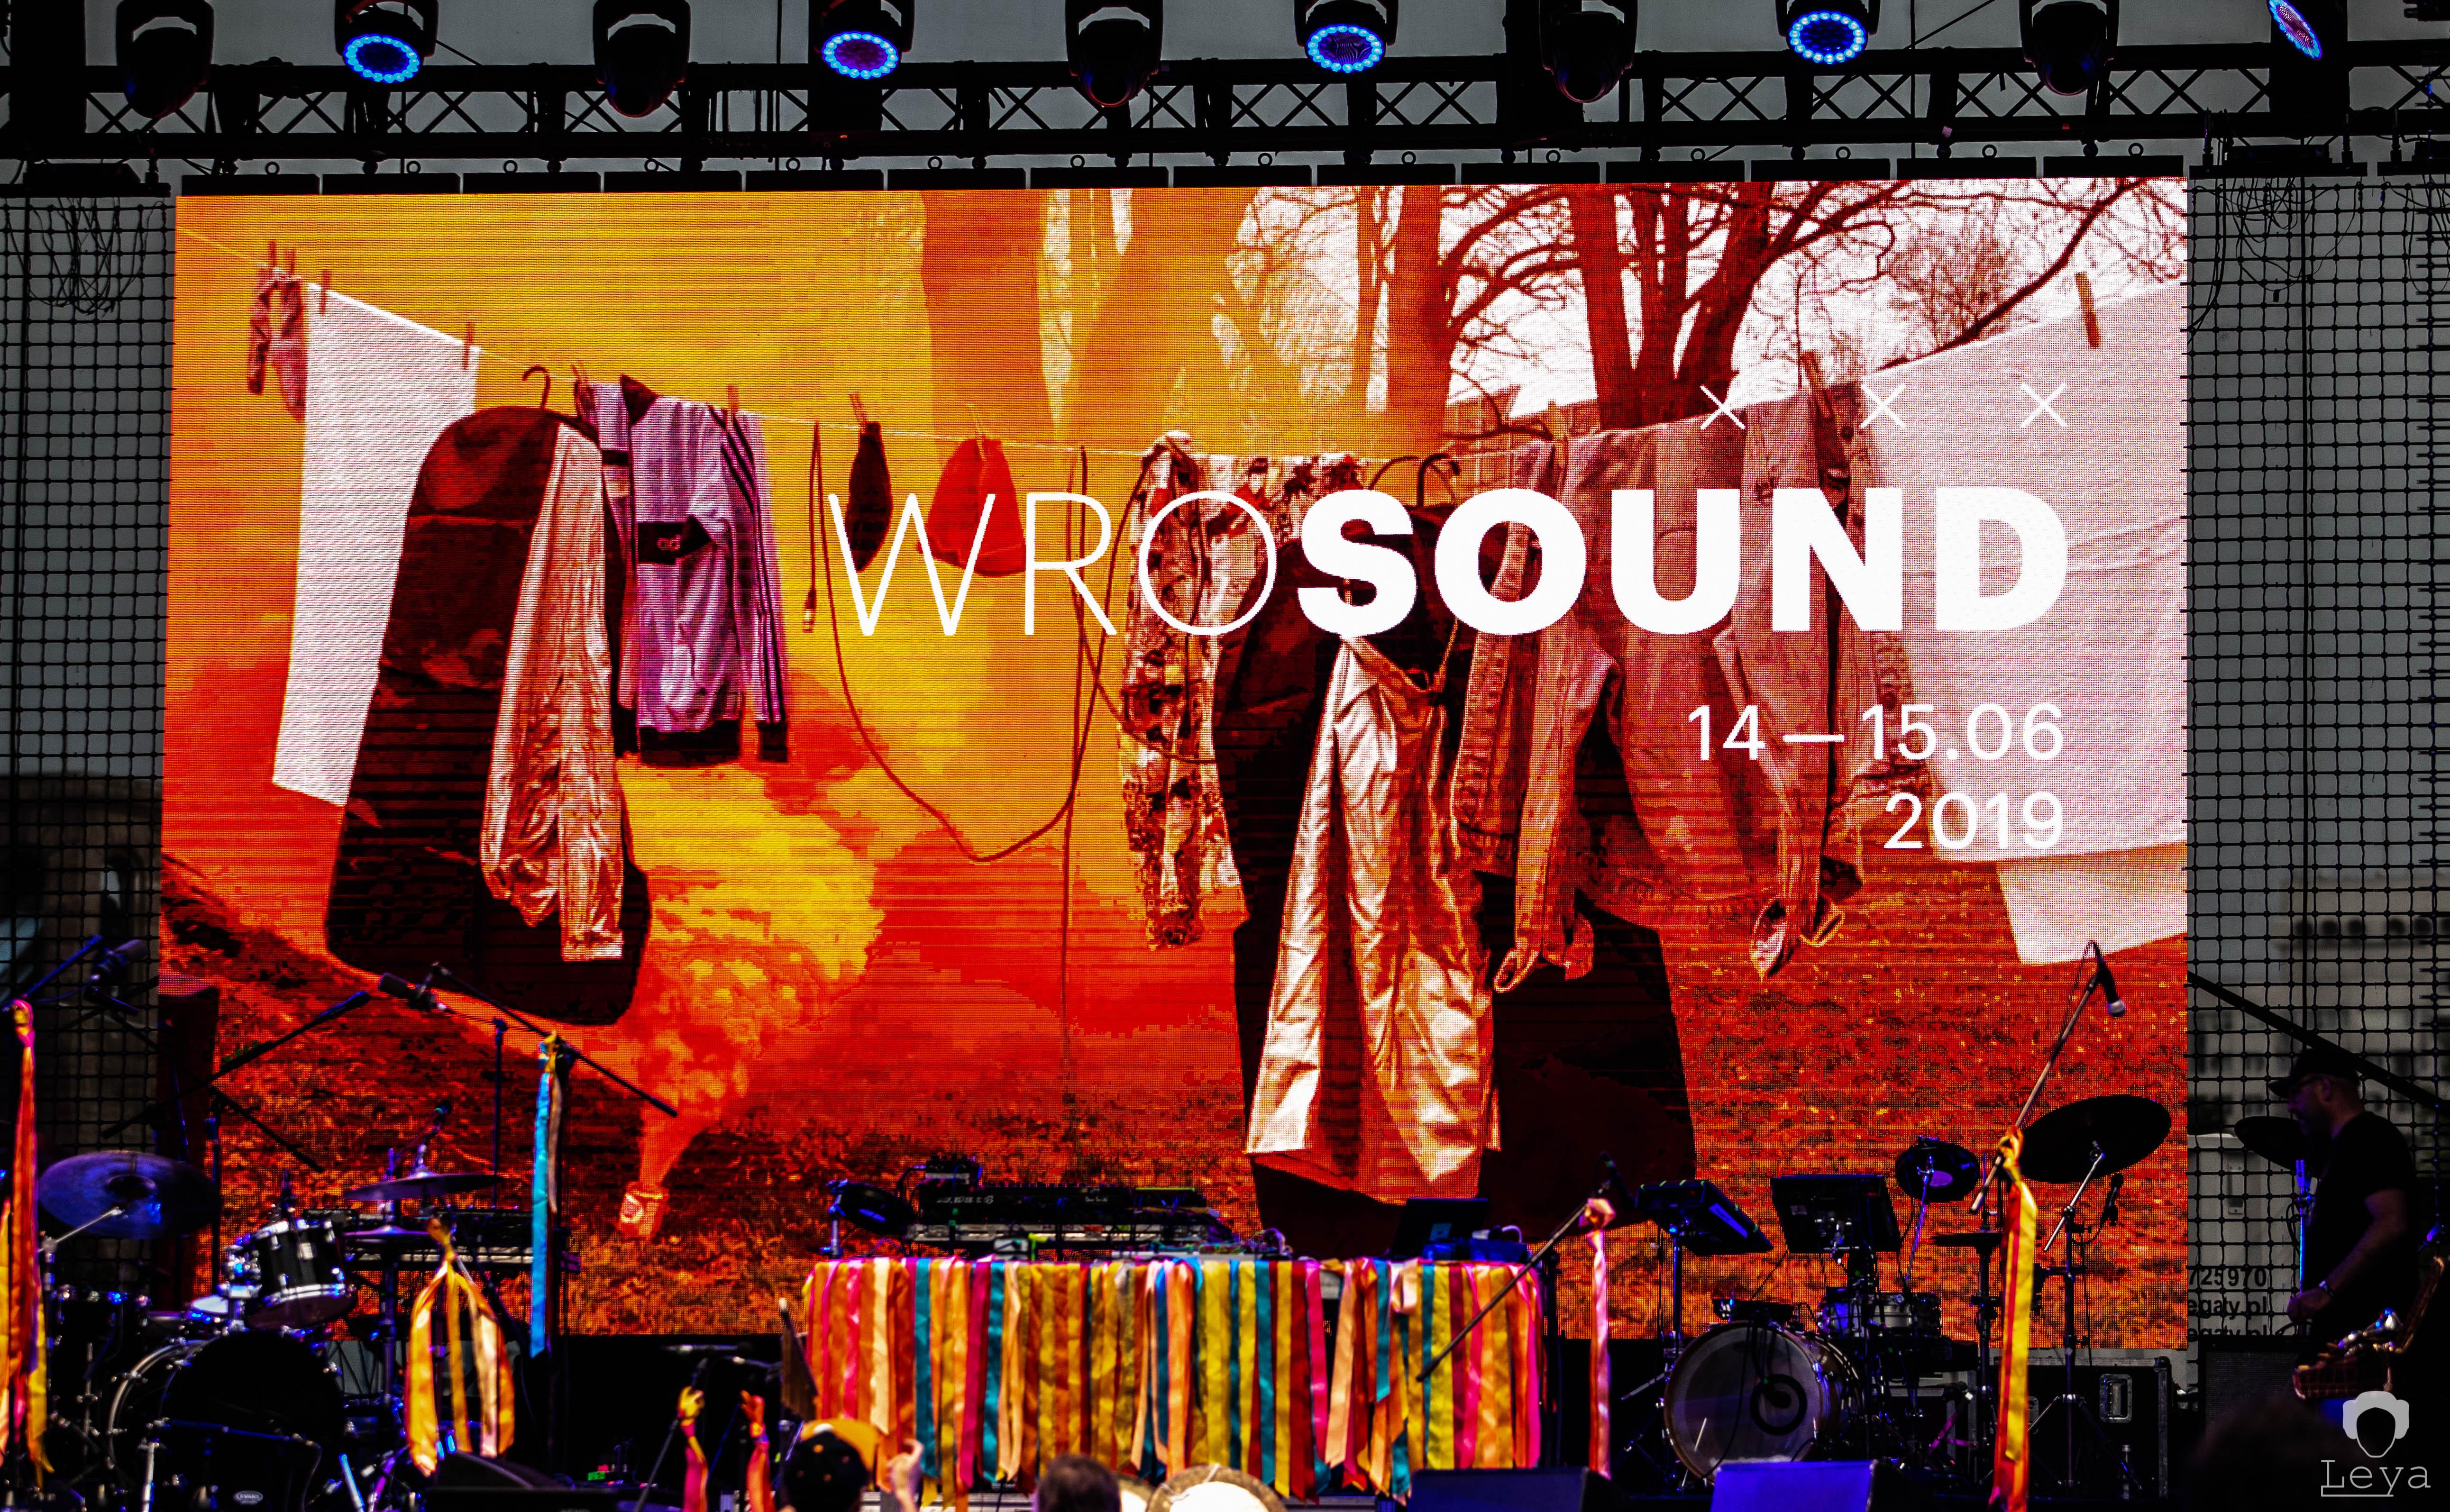 WROsound 2019